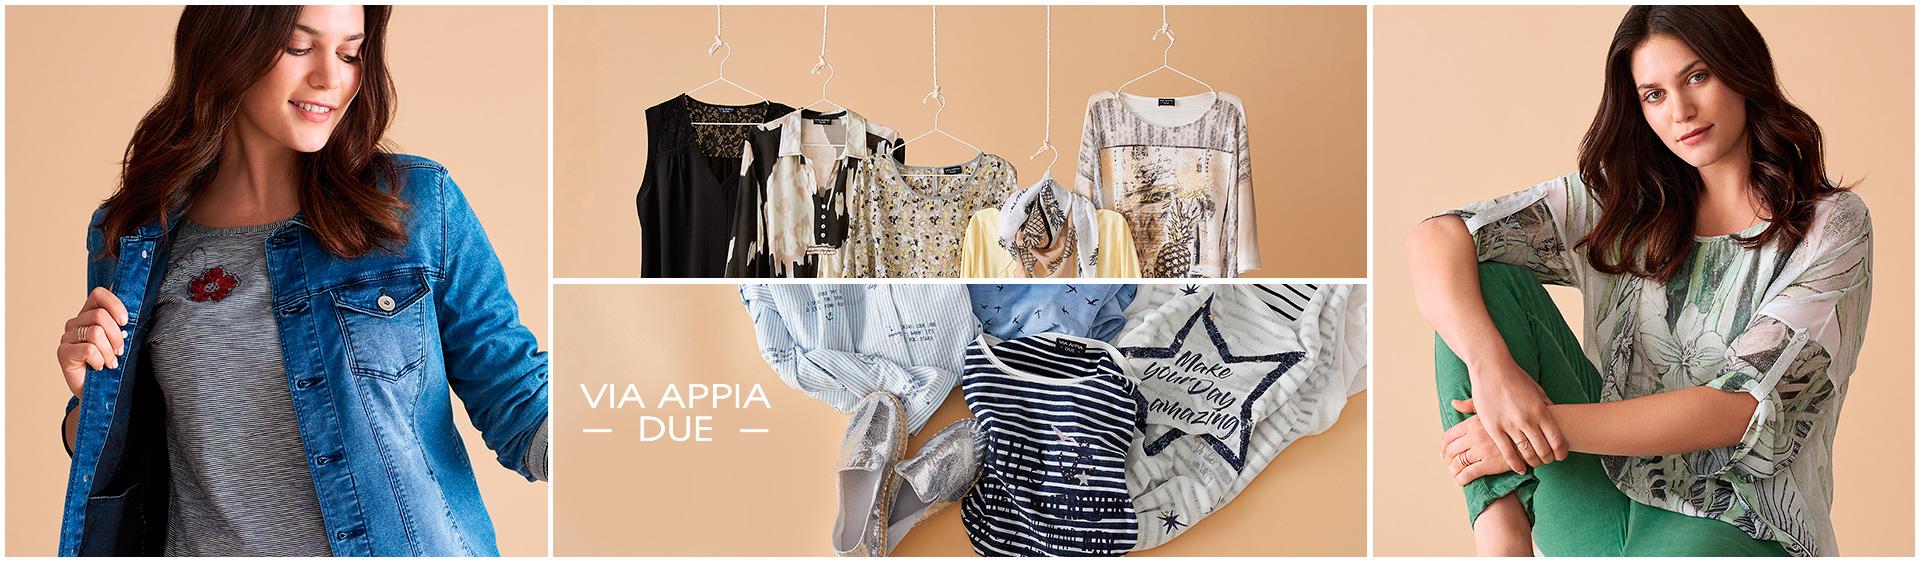 b8cf033ef82a Женская одежда больших размеров - интернет-магазин одежды для полных